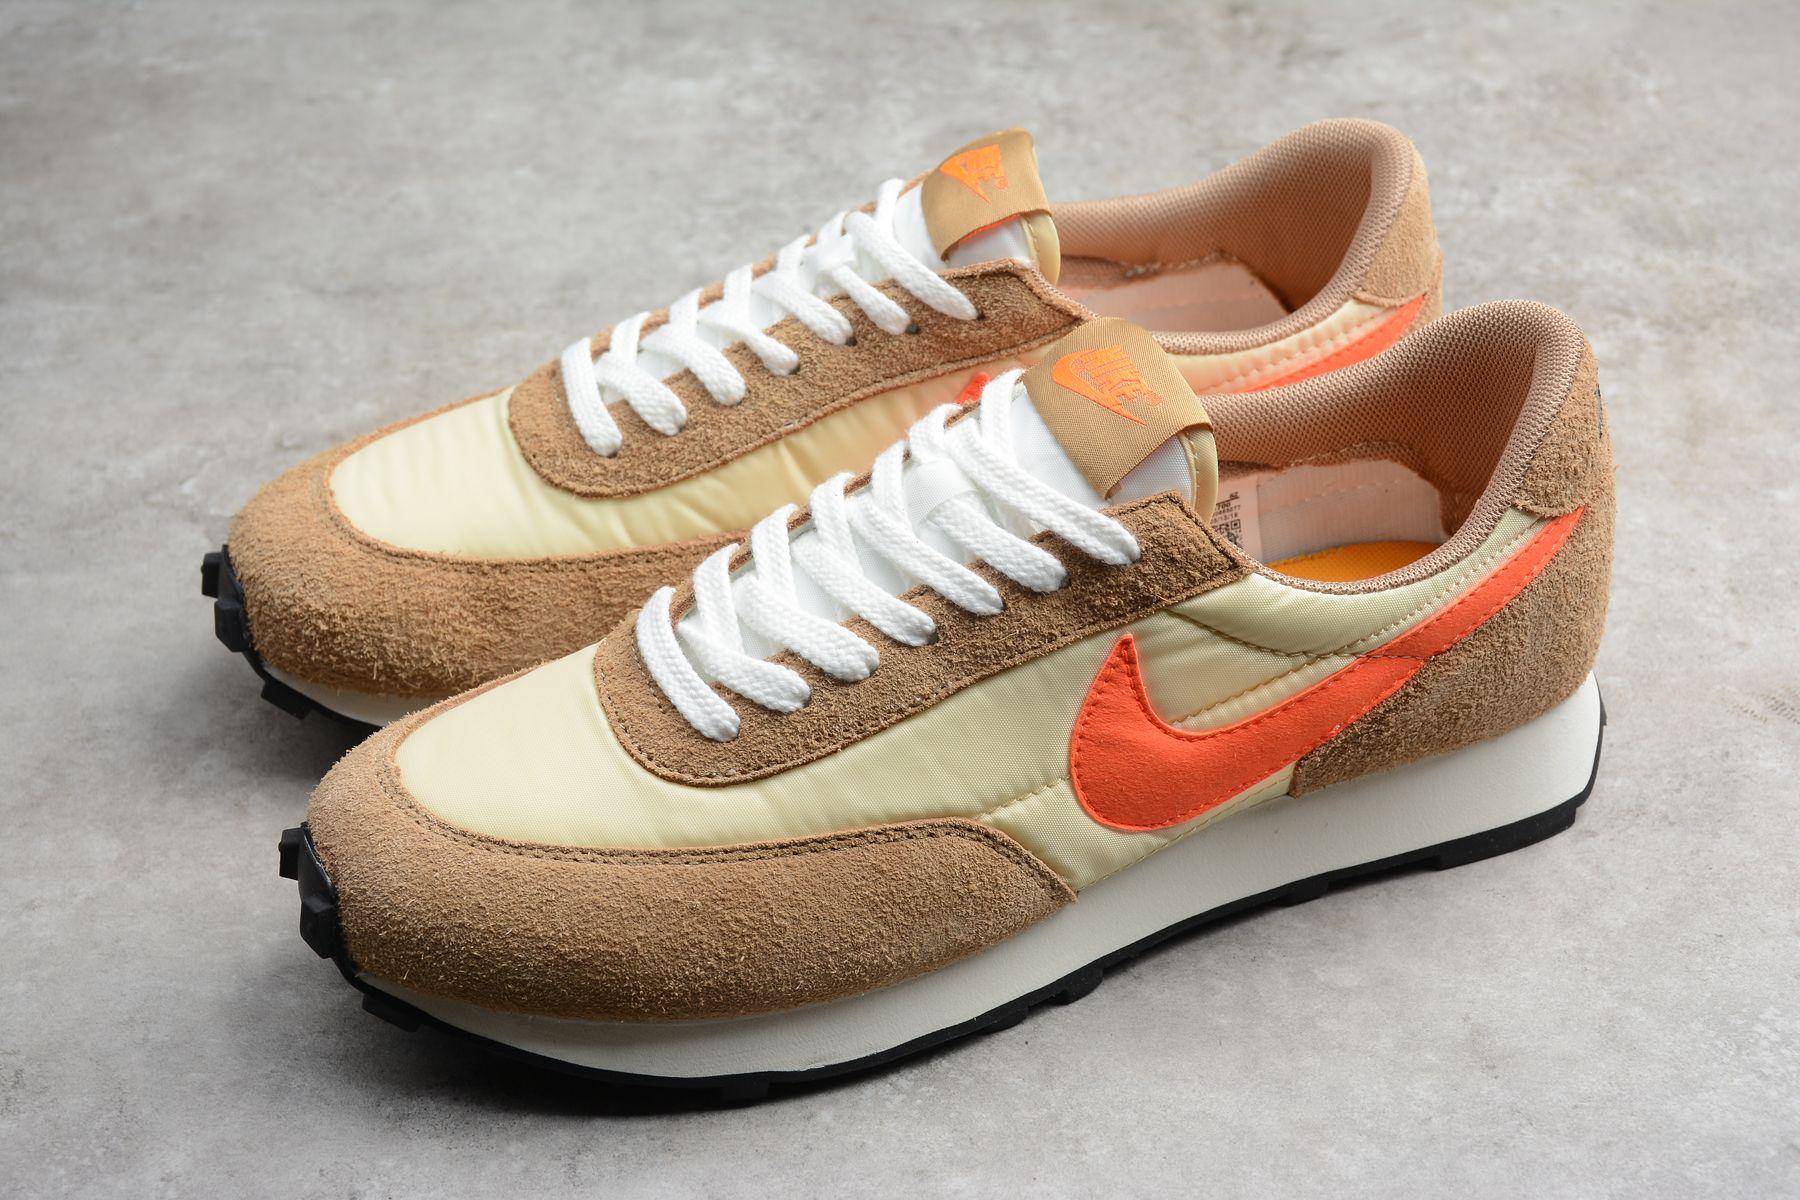 Nike Daybreak Orange